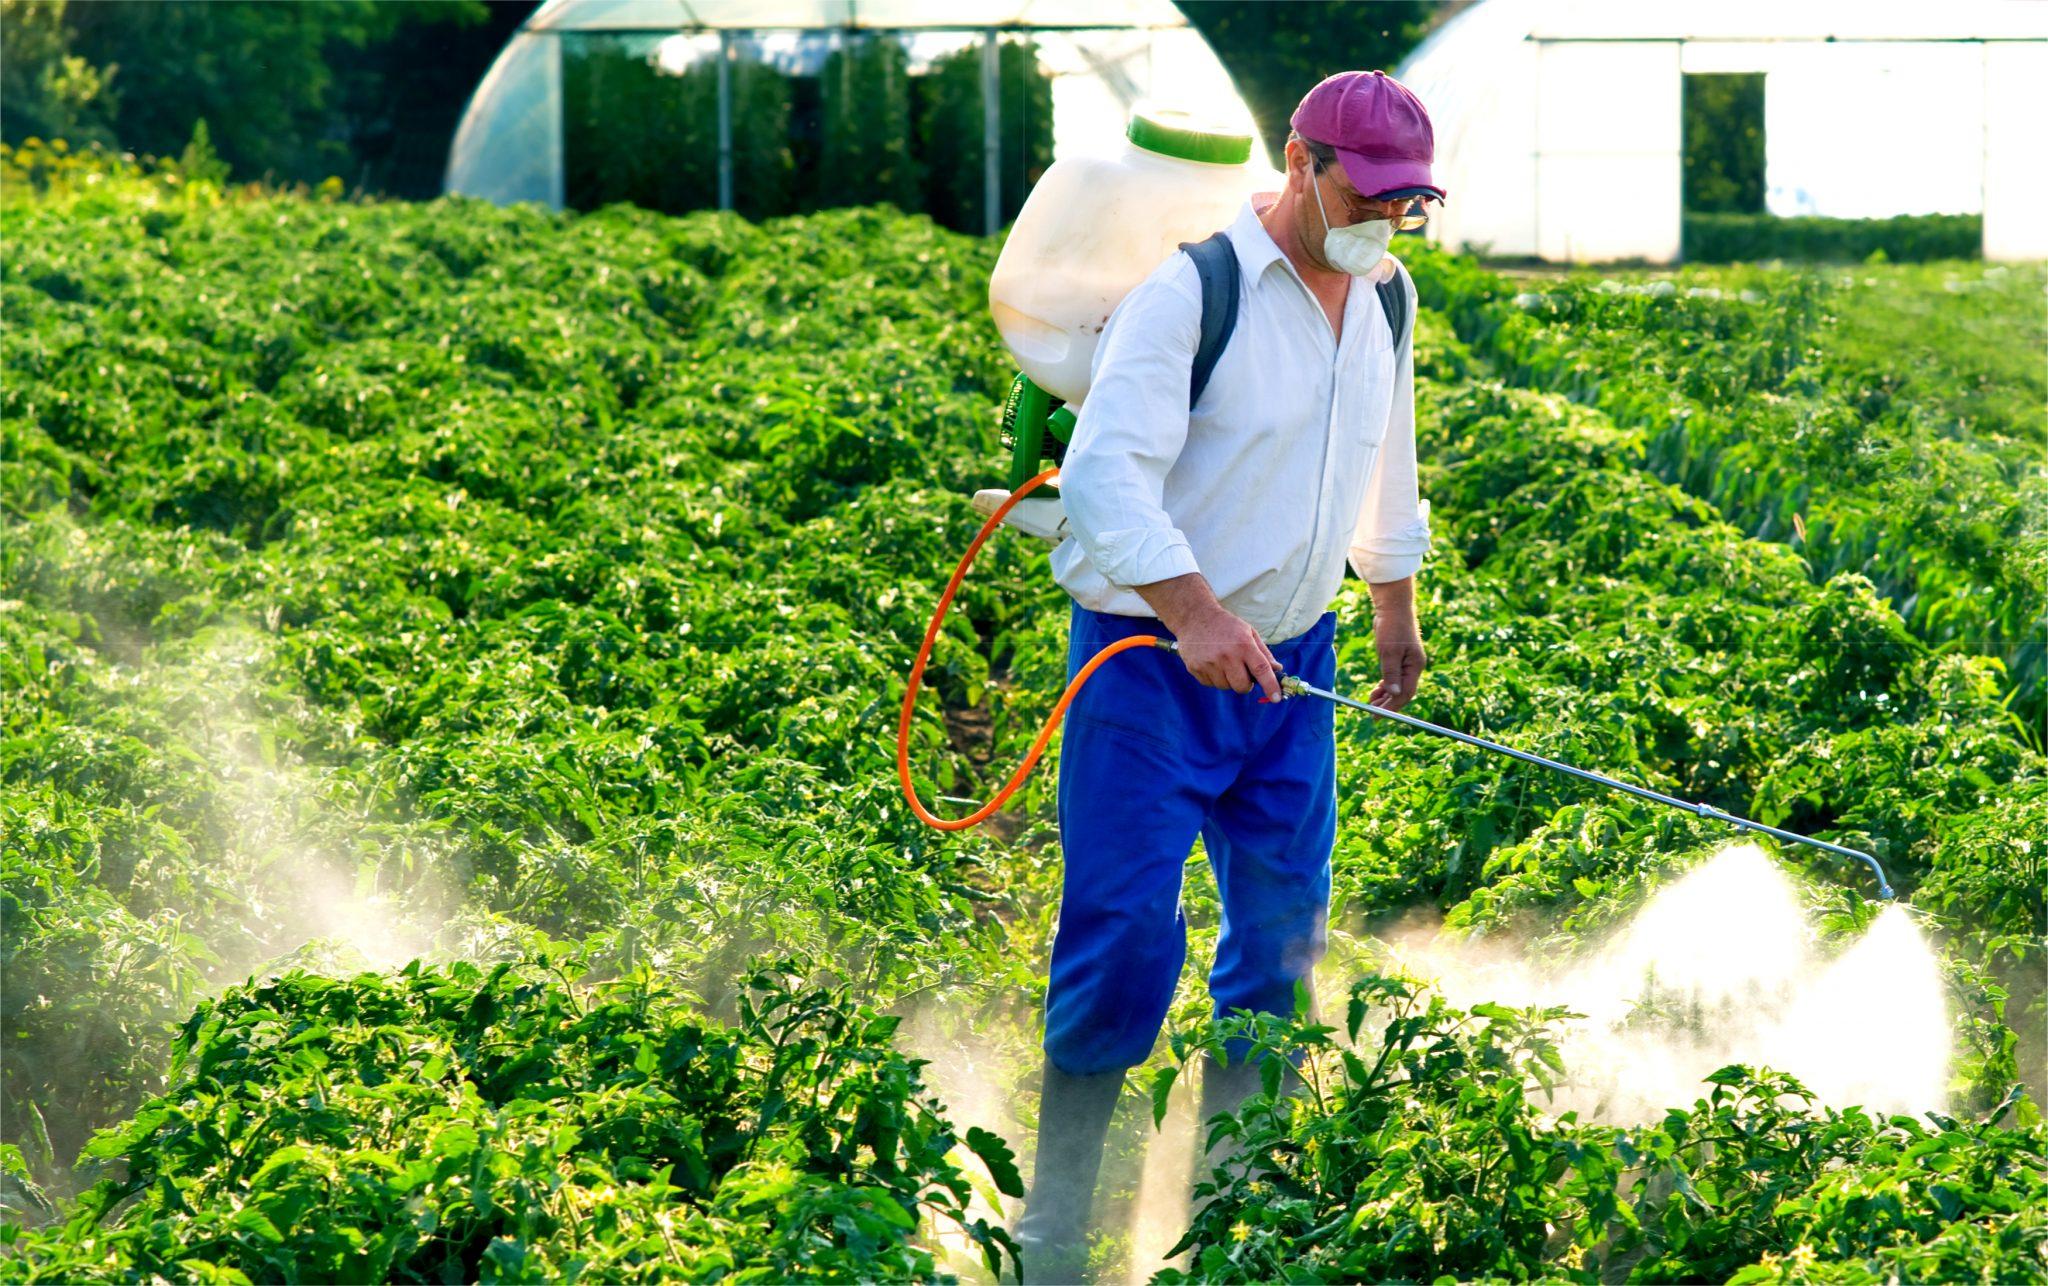 農薬を散布している人